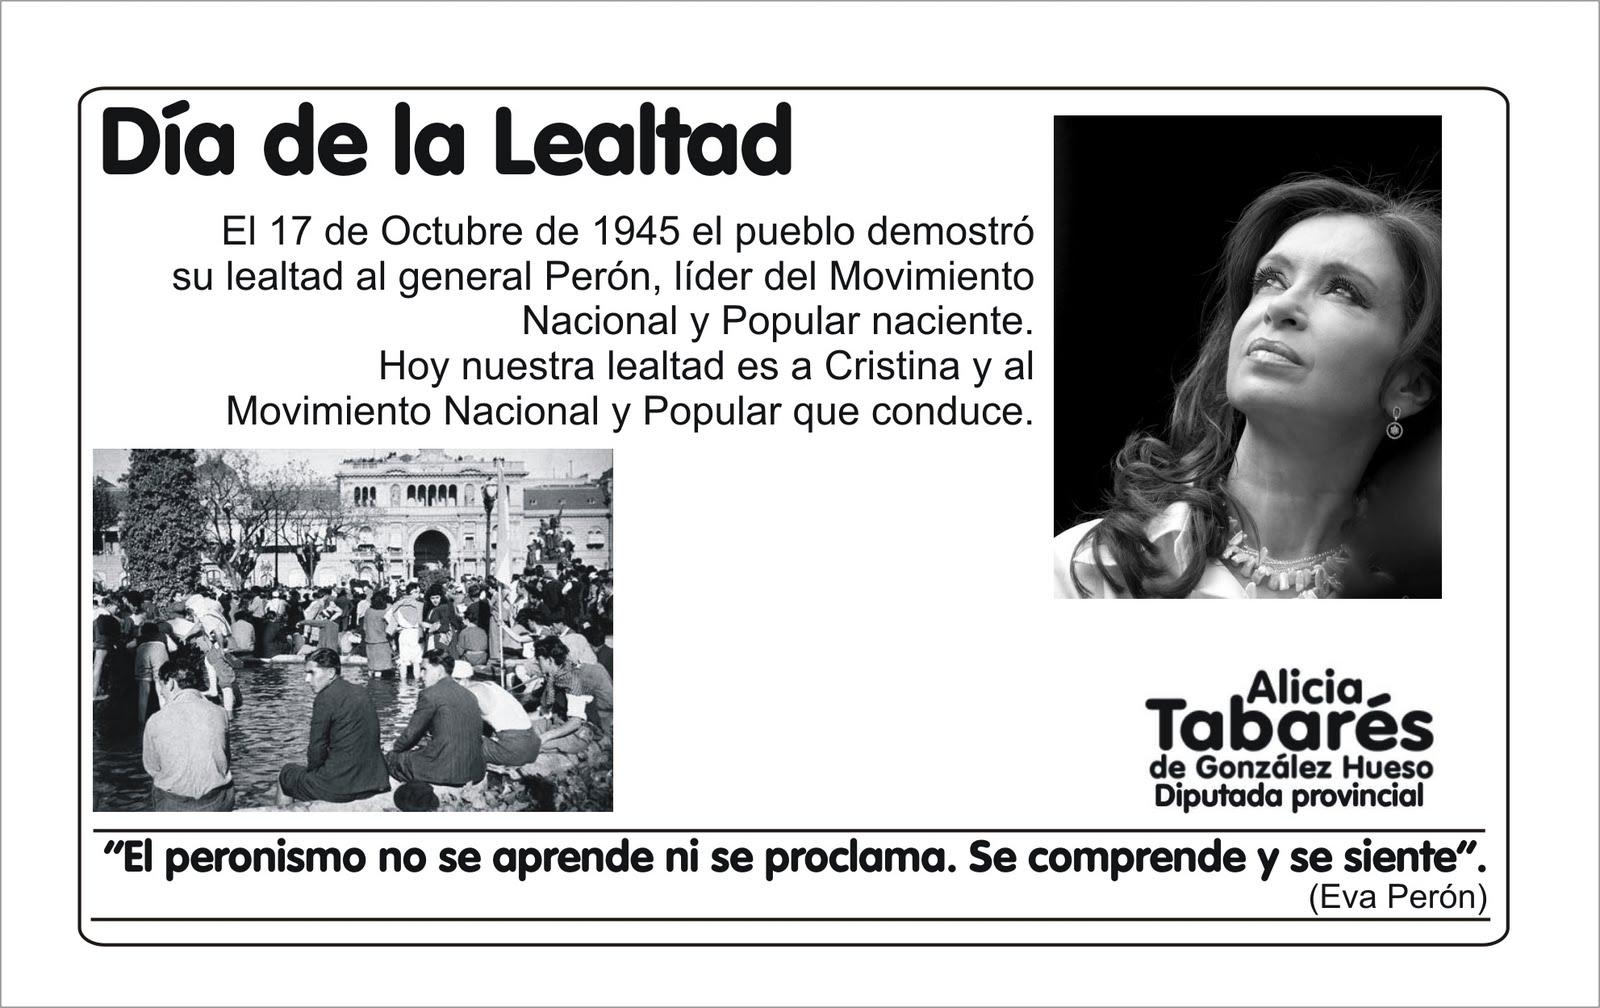 ¡Feliz día de la Lealtad Peronista! | Alicia Tabarés de González Hueso